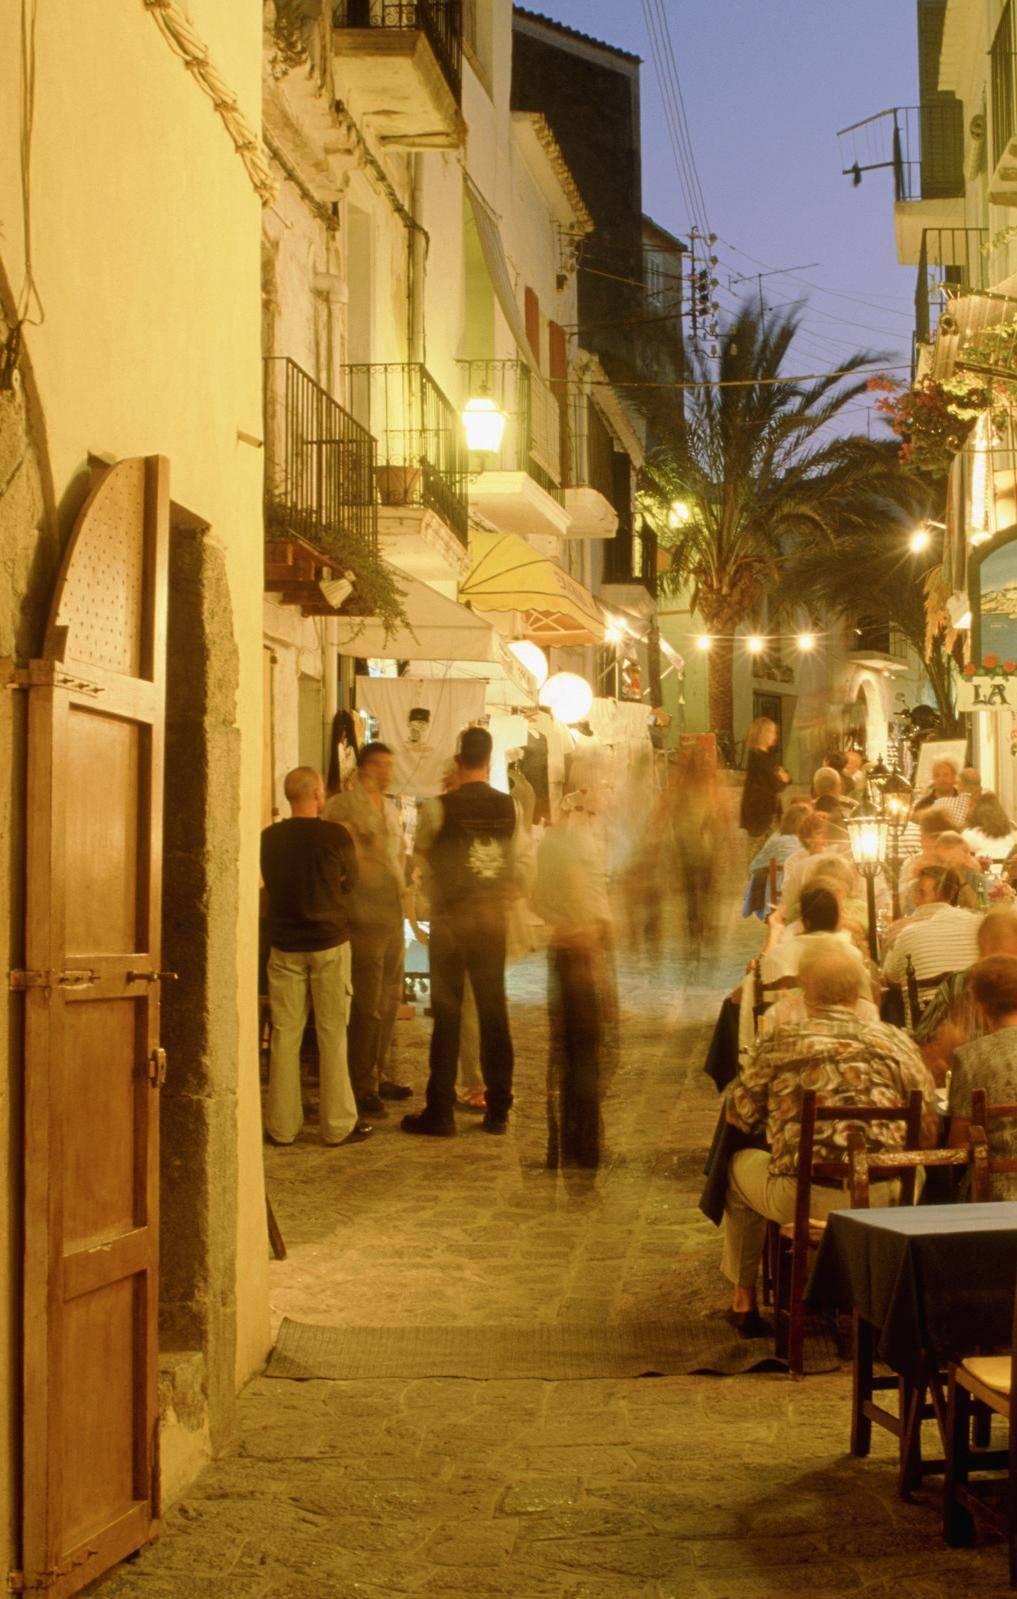 Duemila euro per fare le vacanze a Ibiza nella casa che non c'è